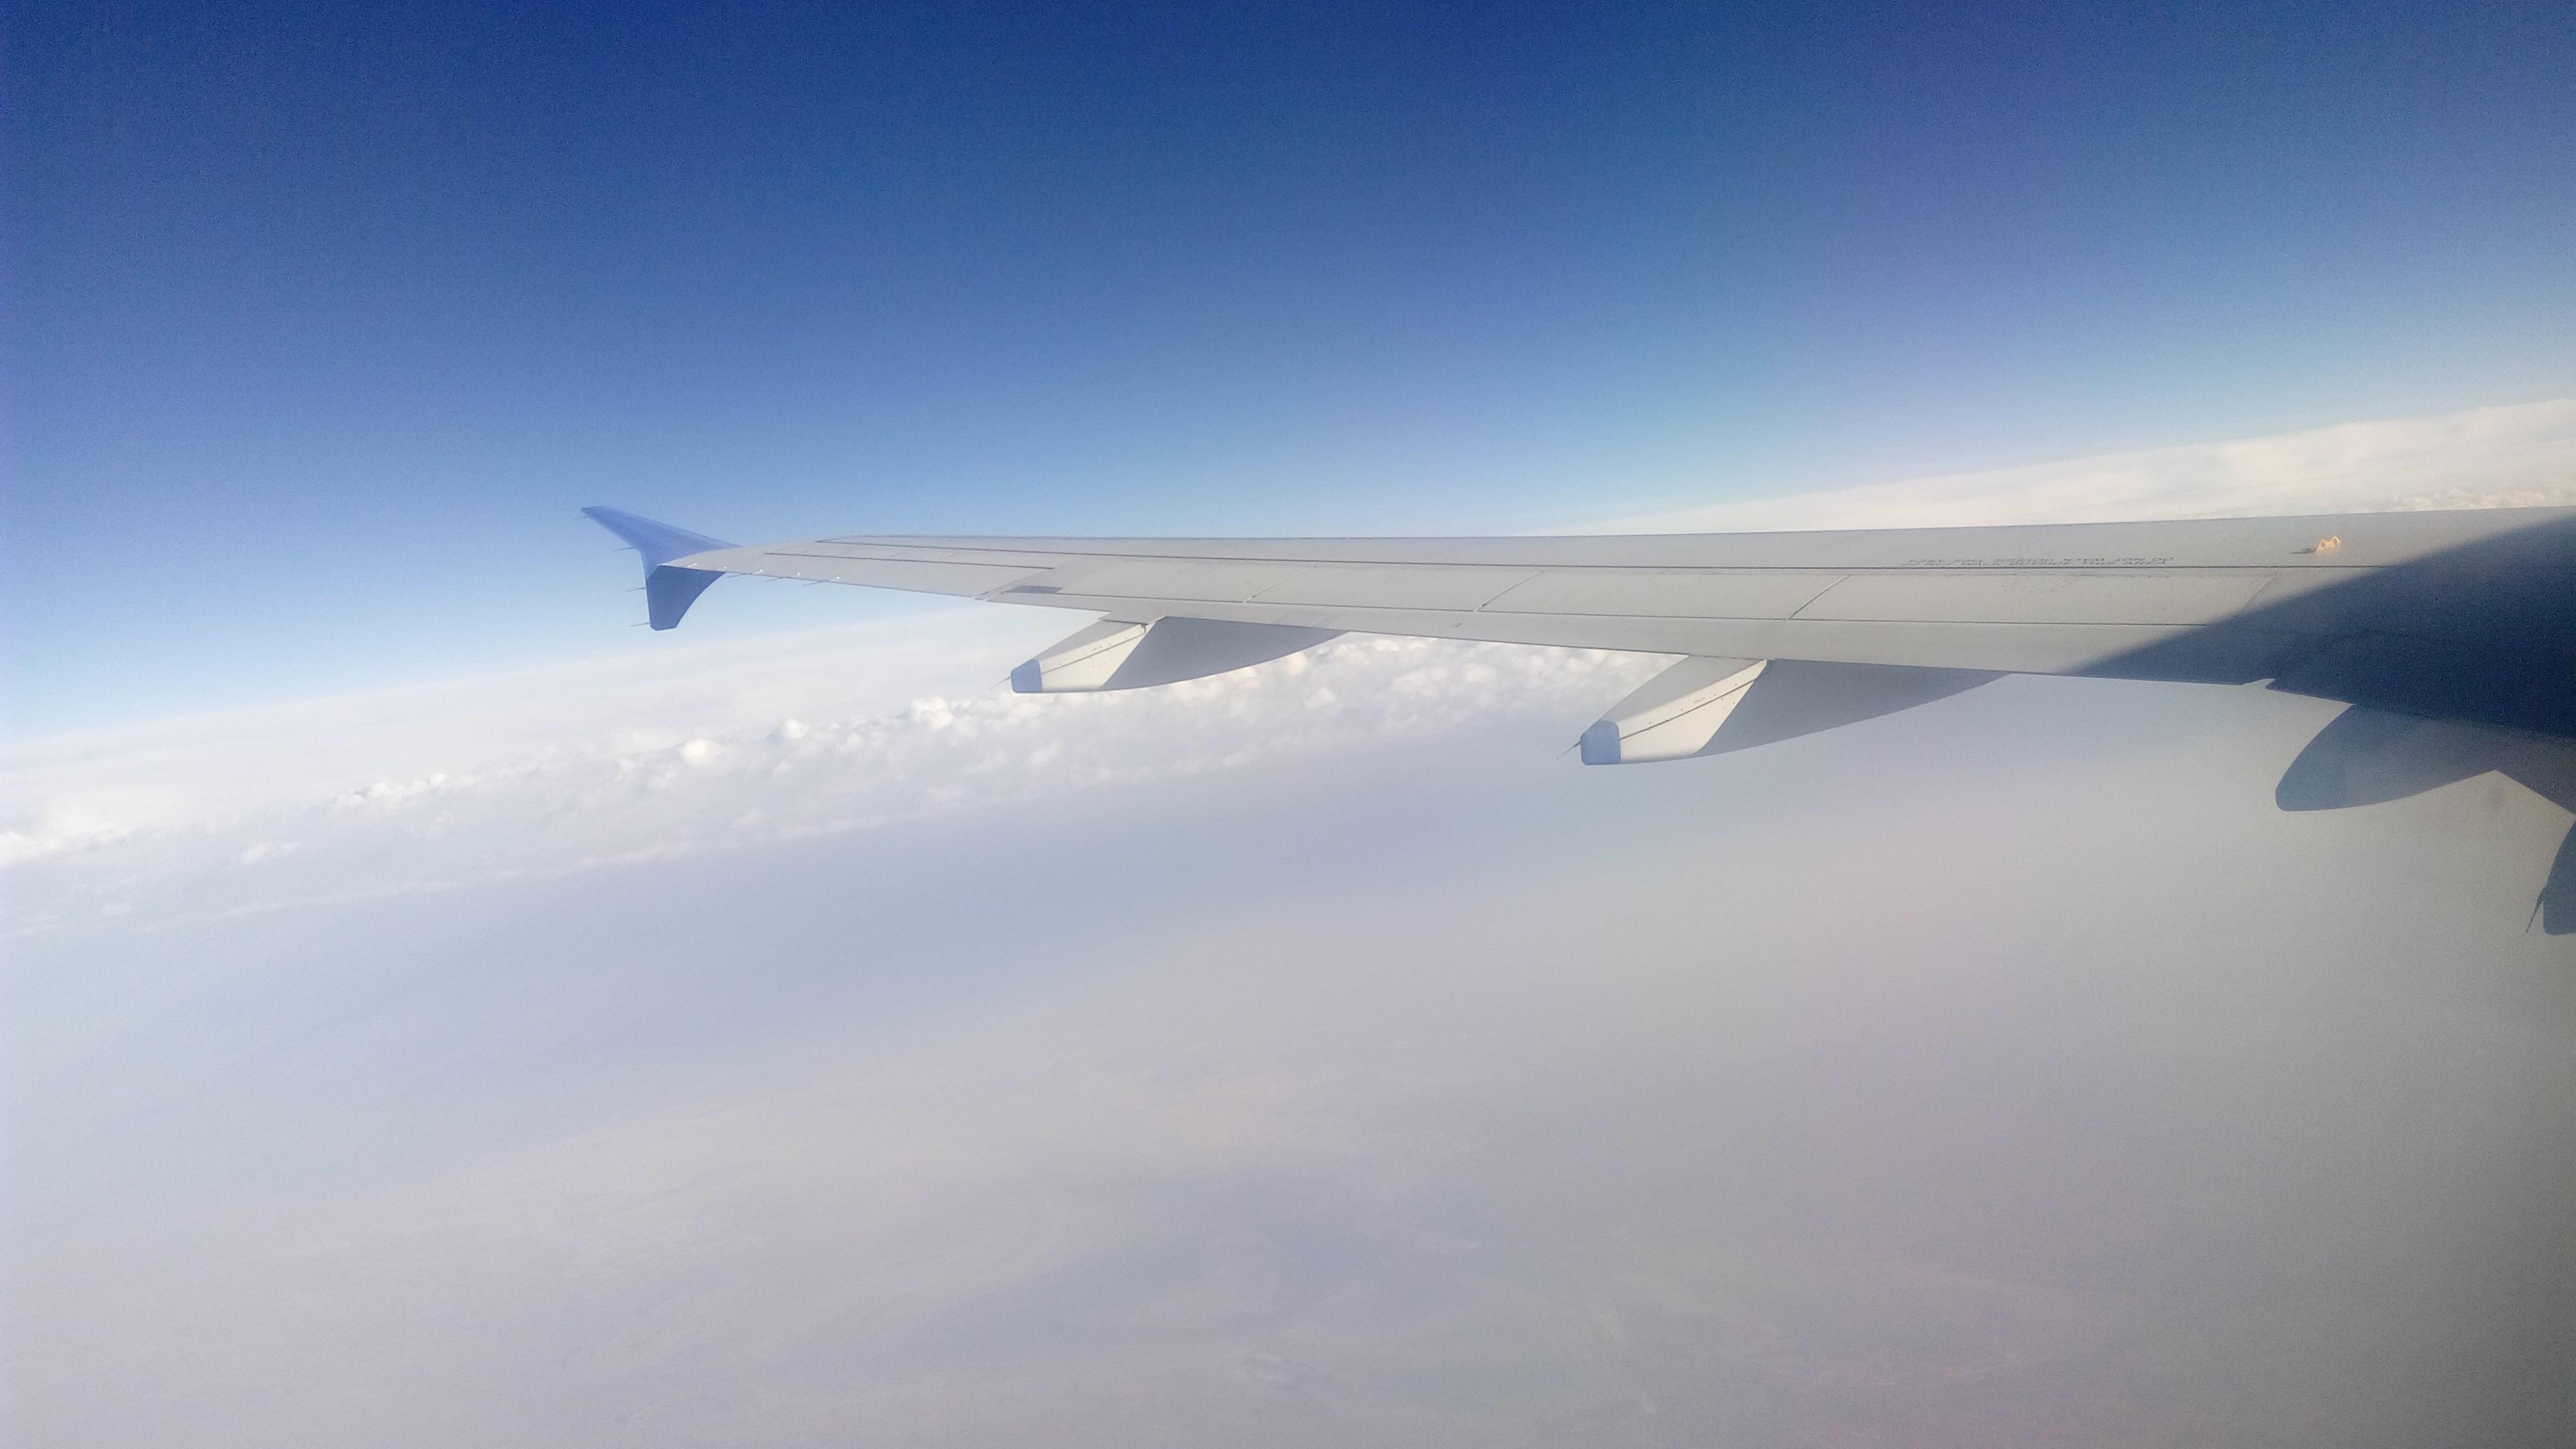 bildet vinge eventyr kjøretøy flyselskap luftfart flygning